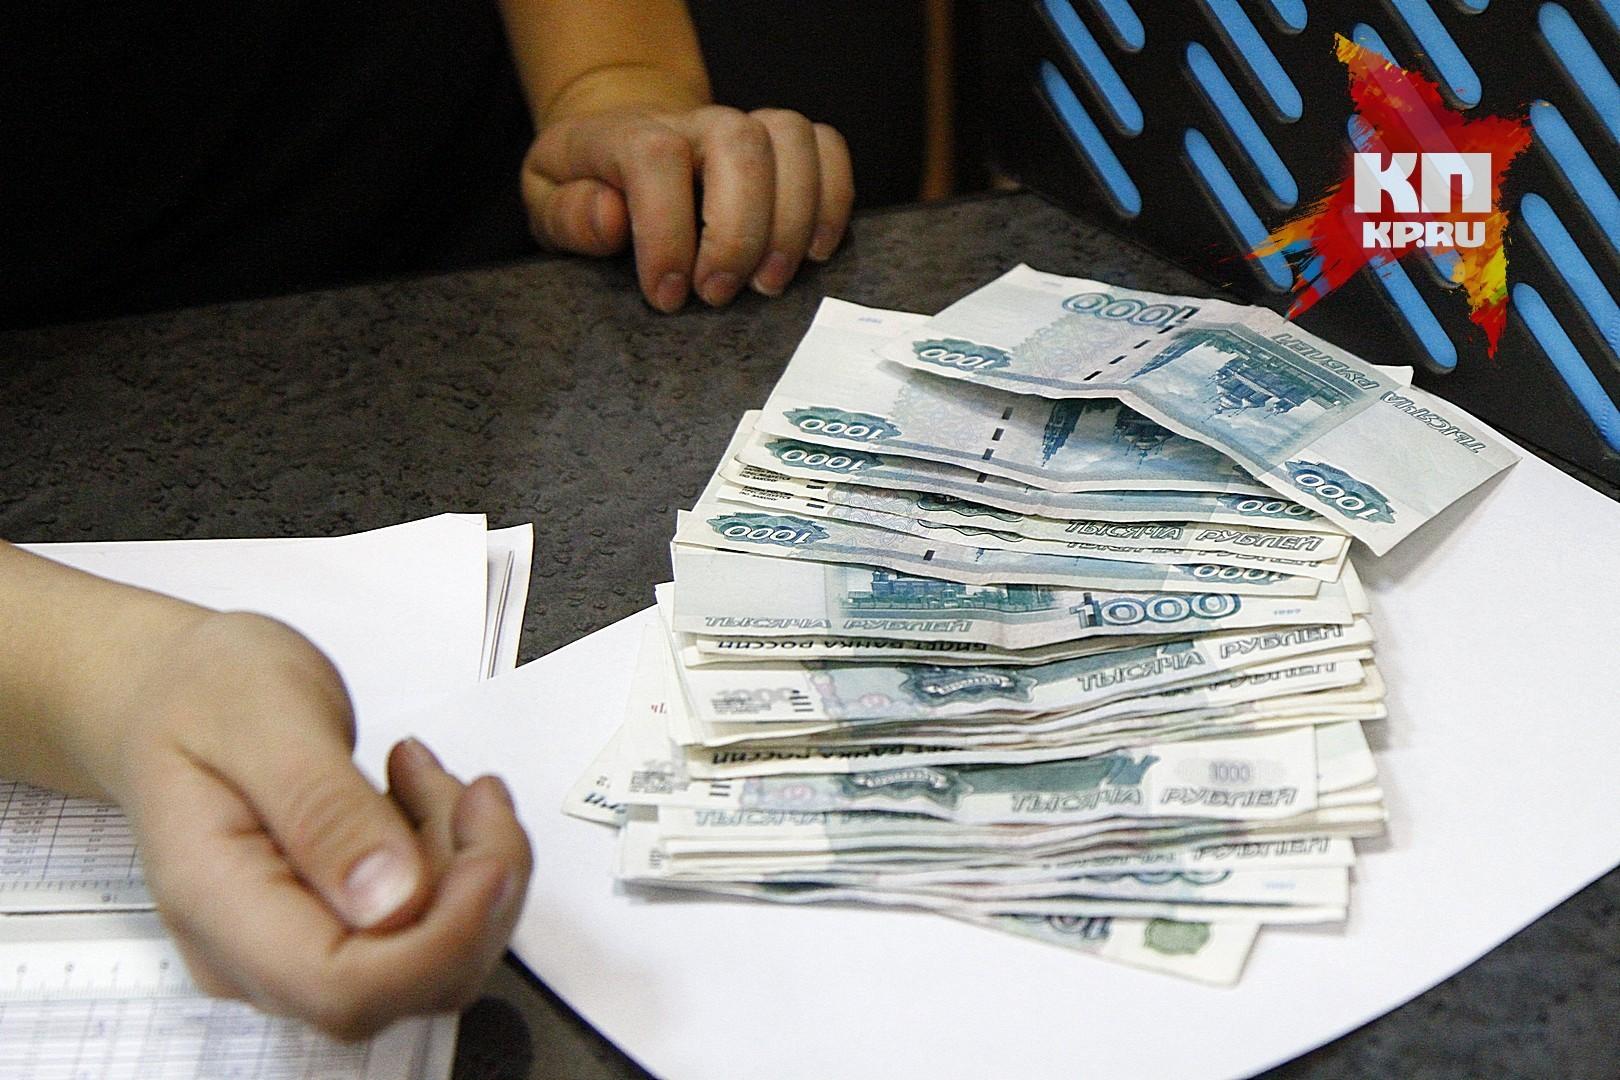 Мужчина пришел поменять порванные 100 руб. и забрал избанка практически полмиллиона